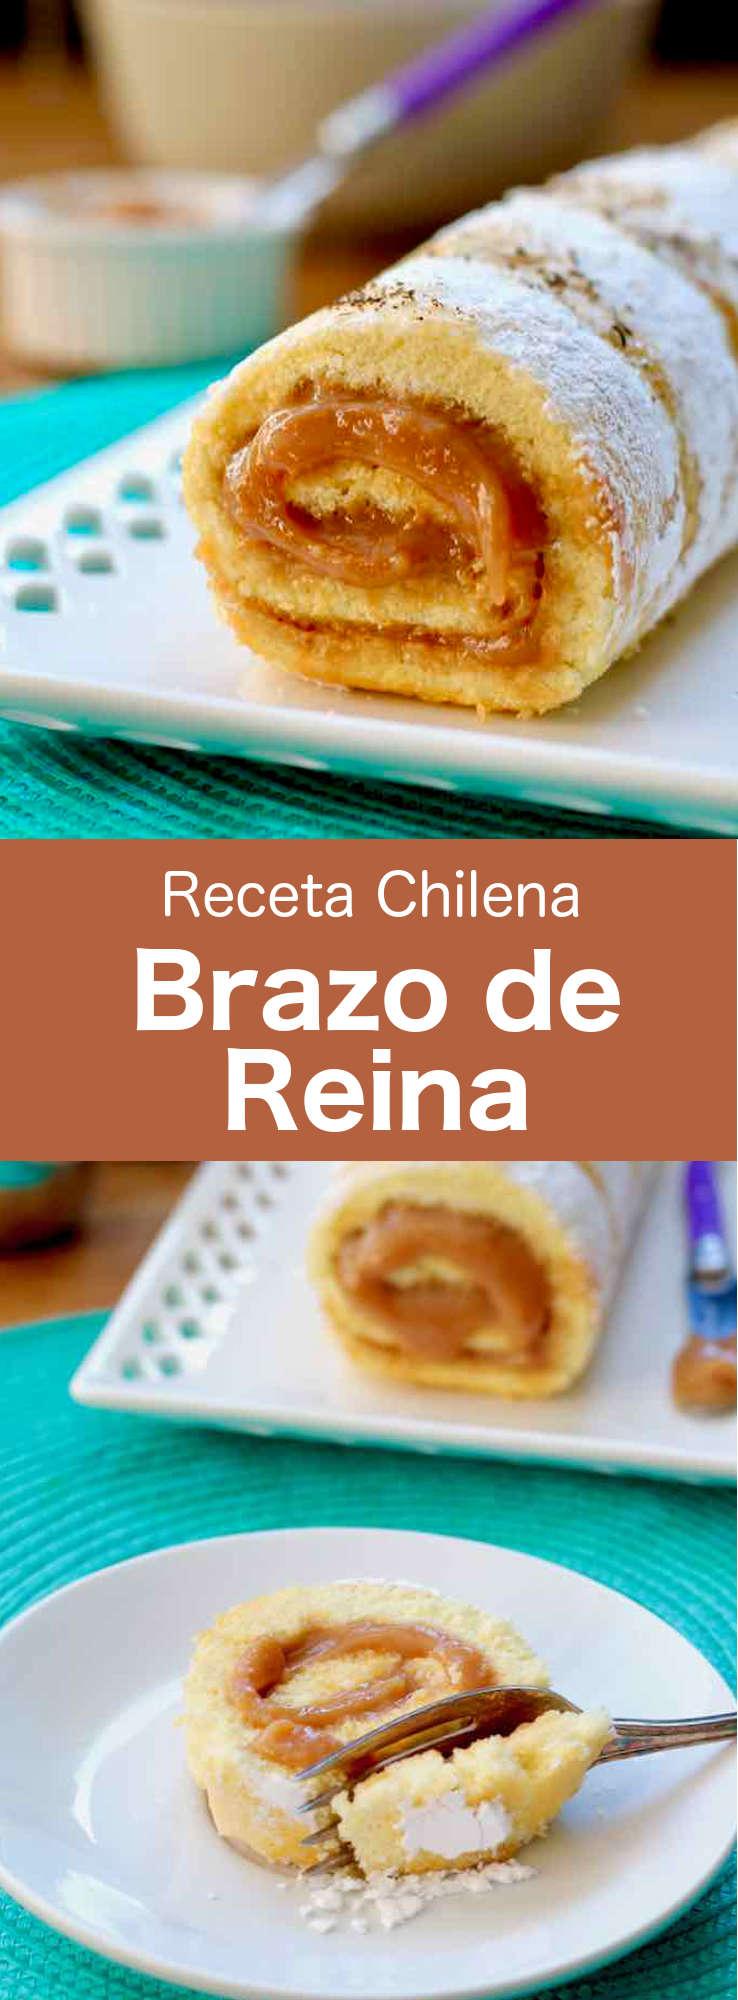 El brazo de reina (también llamado pionono) es una deliciosa tarta enrollada chilena rellena con dulce de leche y cubierta con coco.